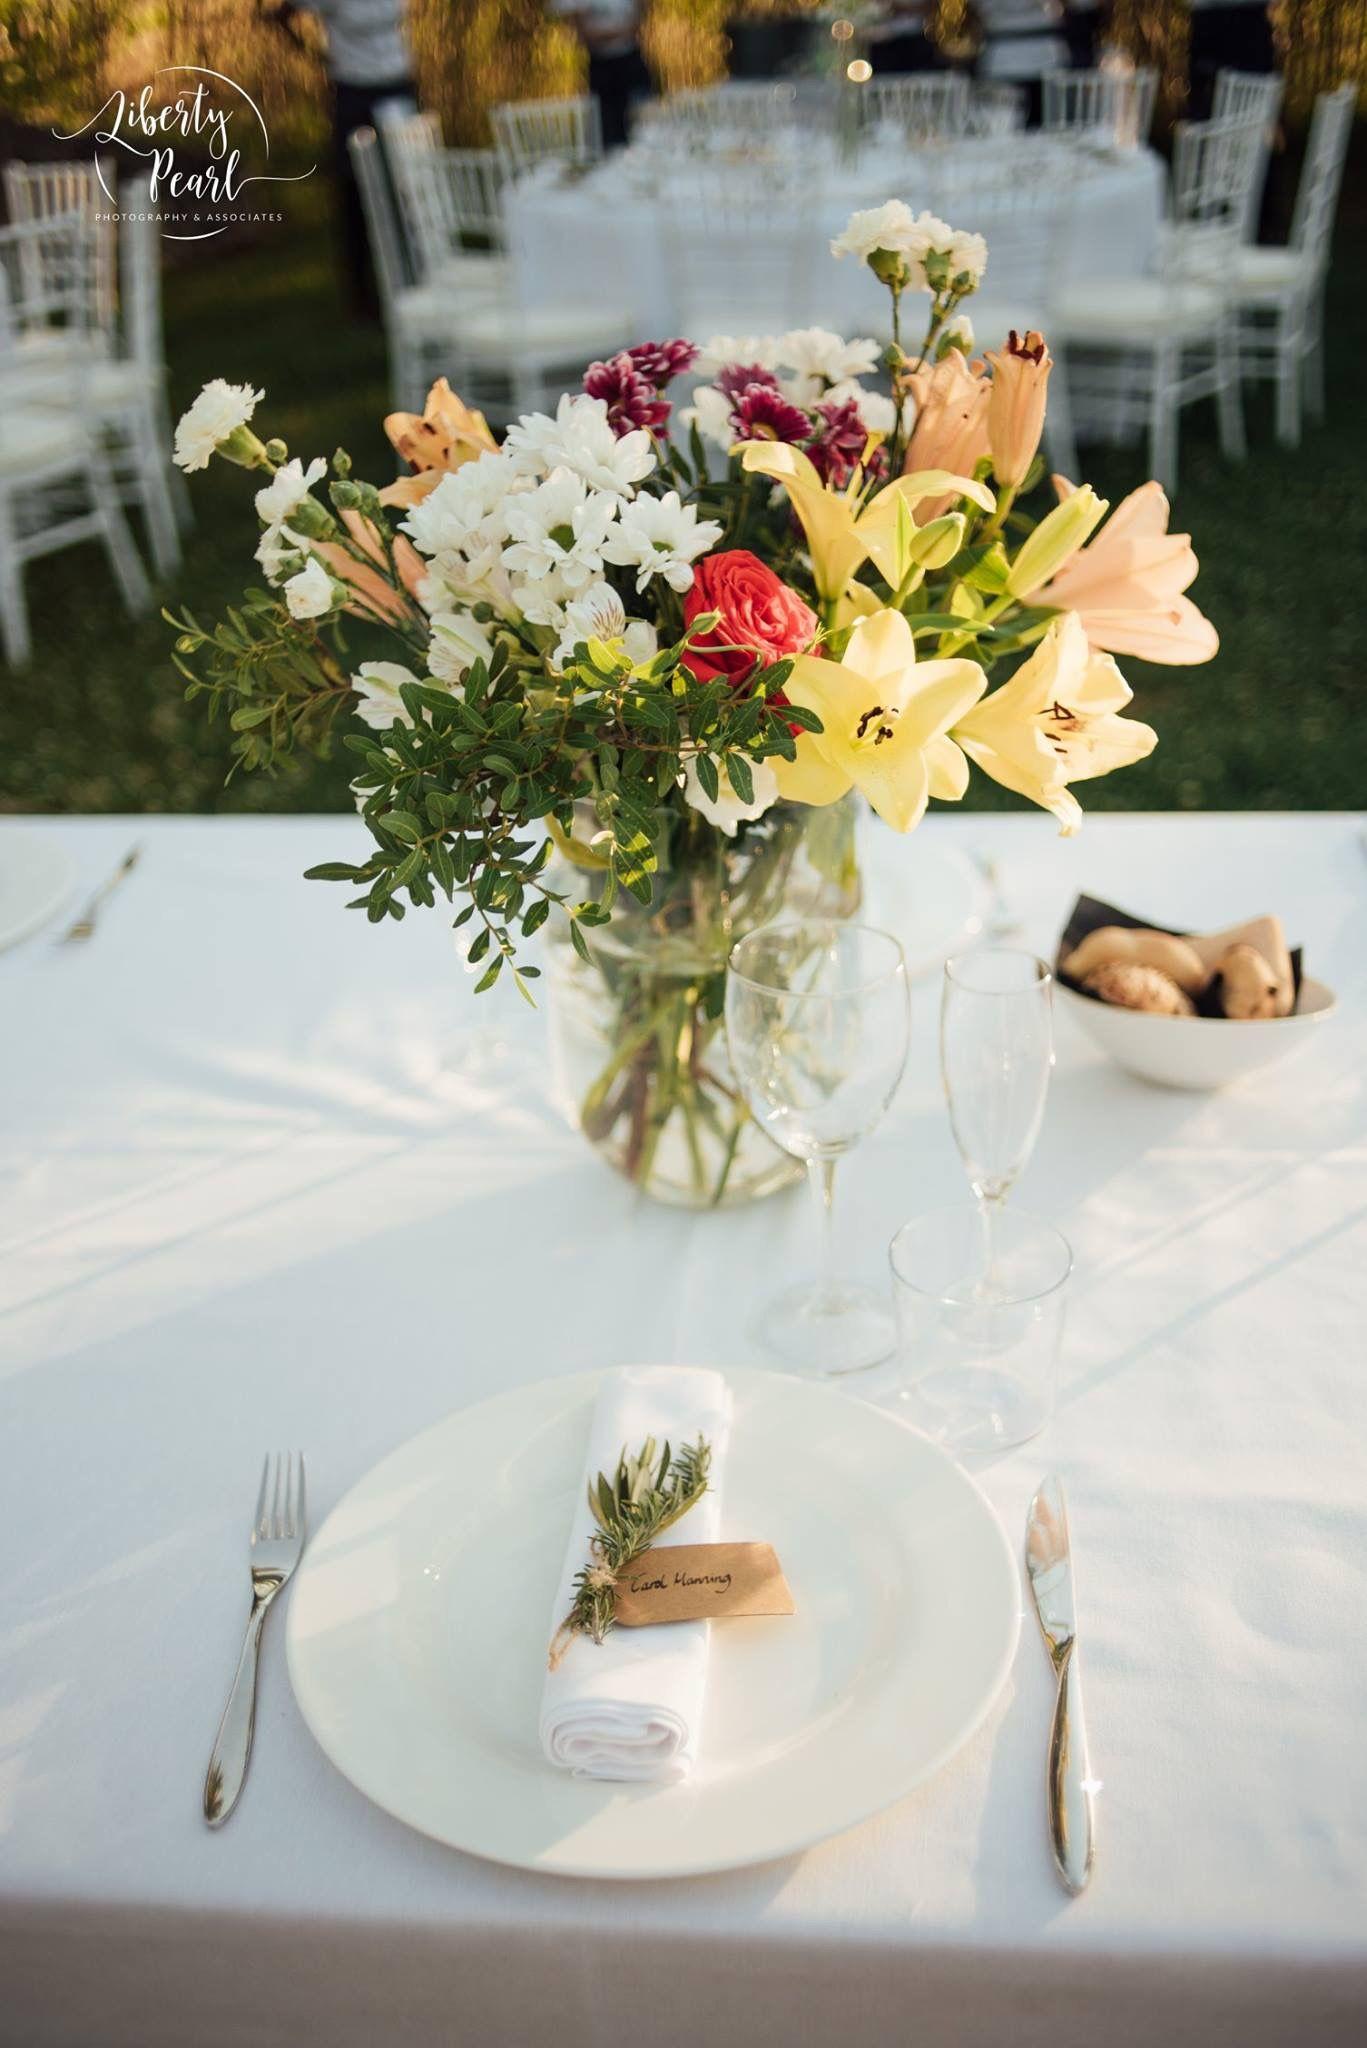 White wedding decor ideas  Real Wedding  Destination Wedding Photography Ibiza  Stylish Boho